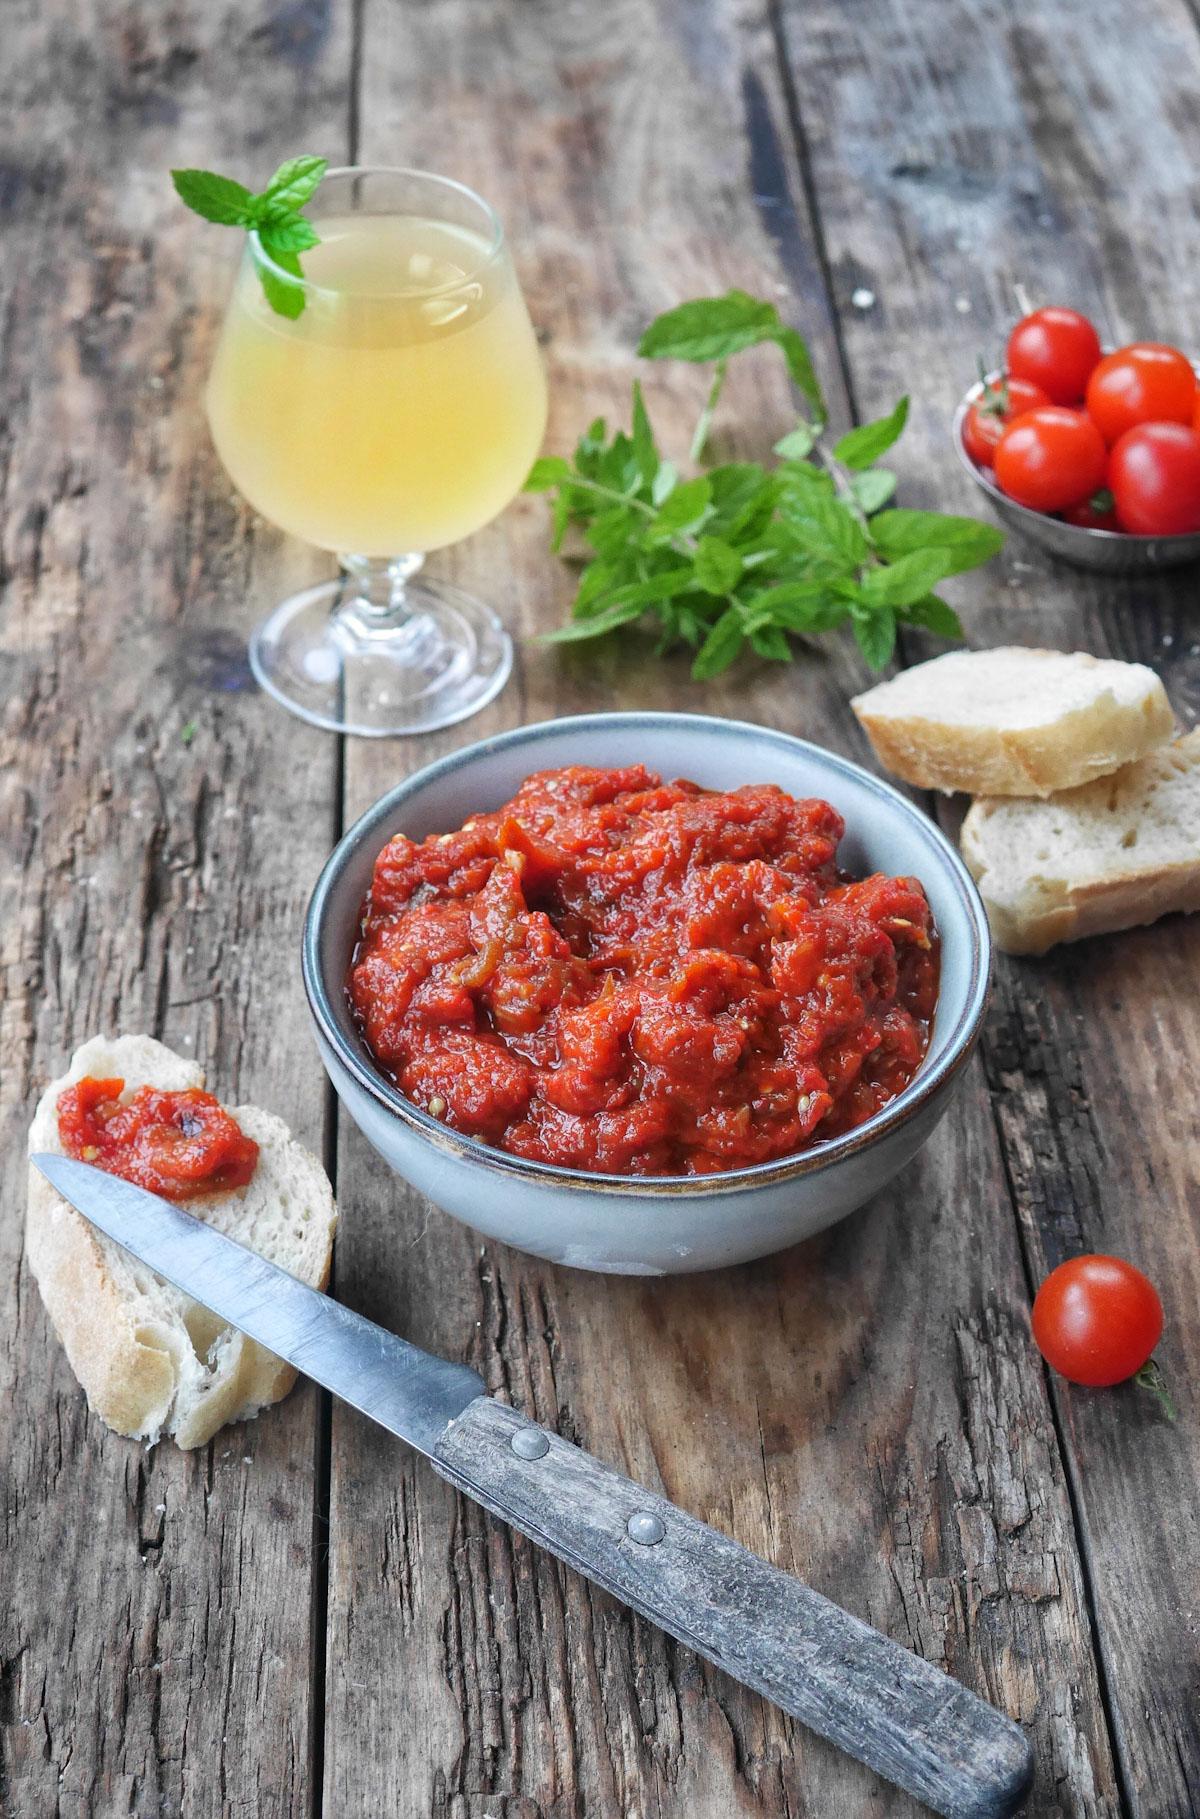 caviar de poivrons rouges dans un bol, servi avec des tartines de pain